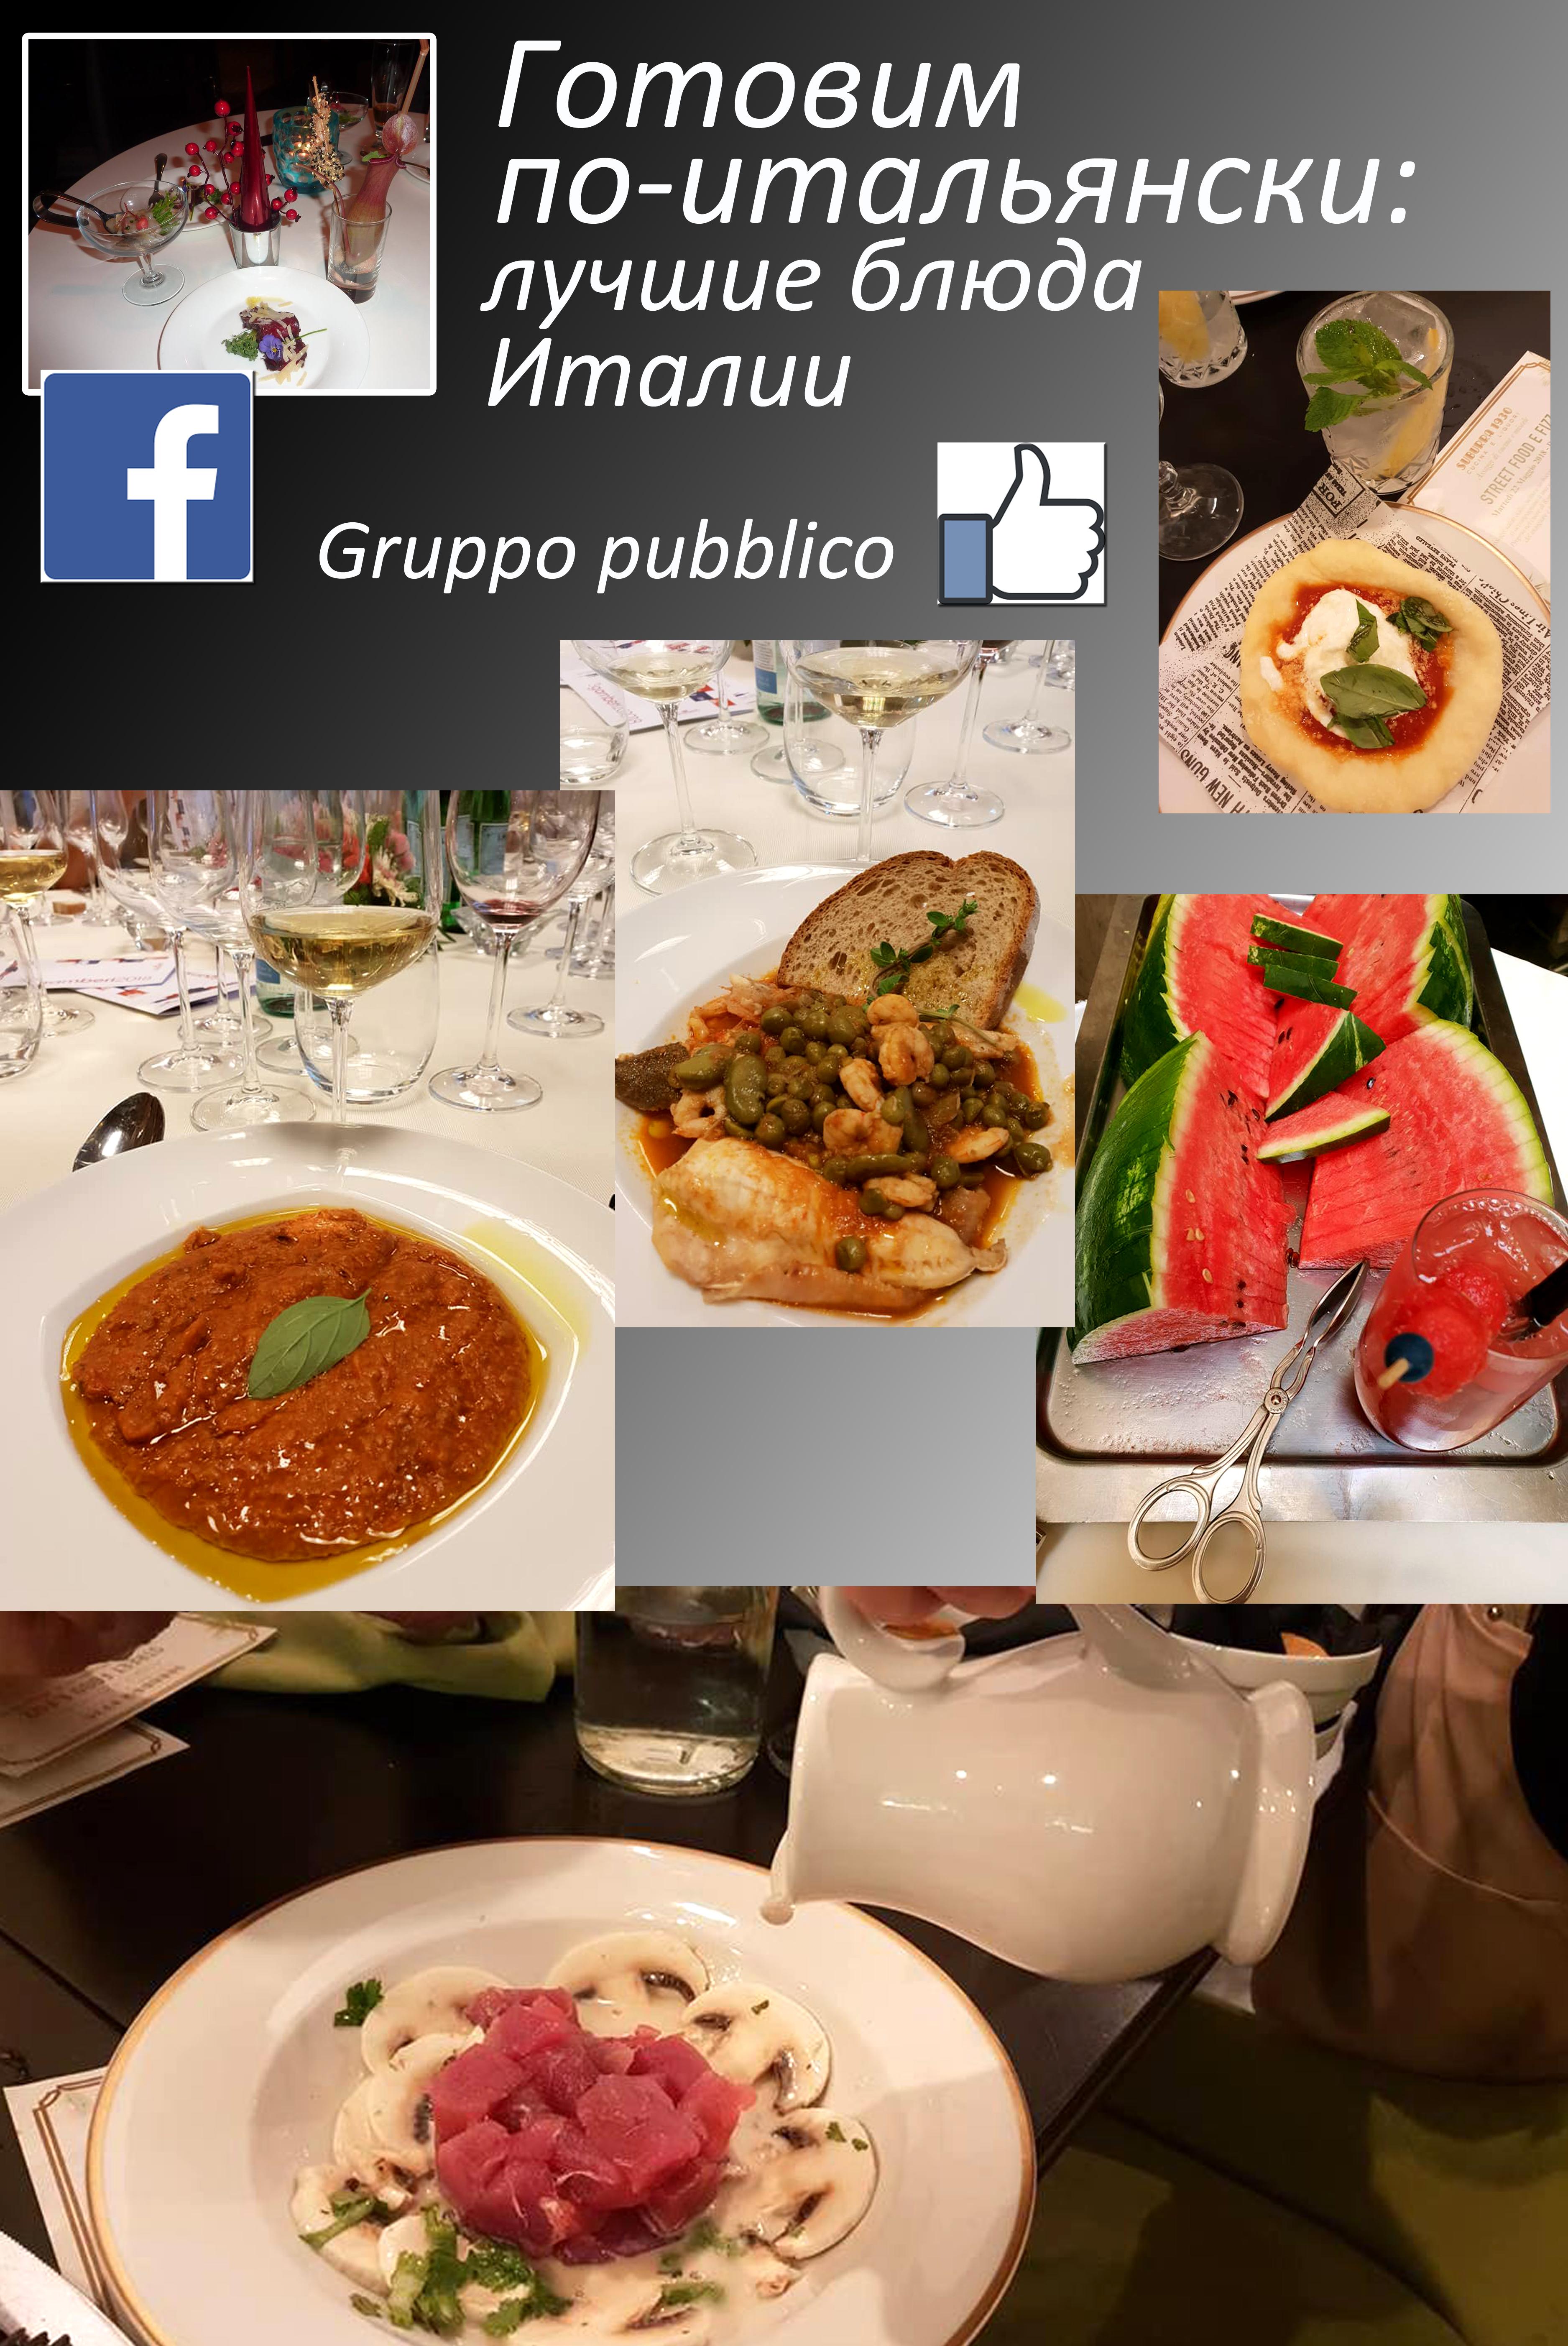 Готовим по-итальянски - лучшие блюда Италии